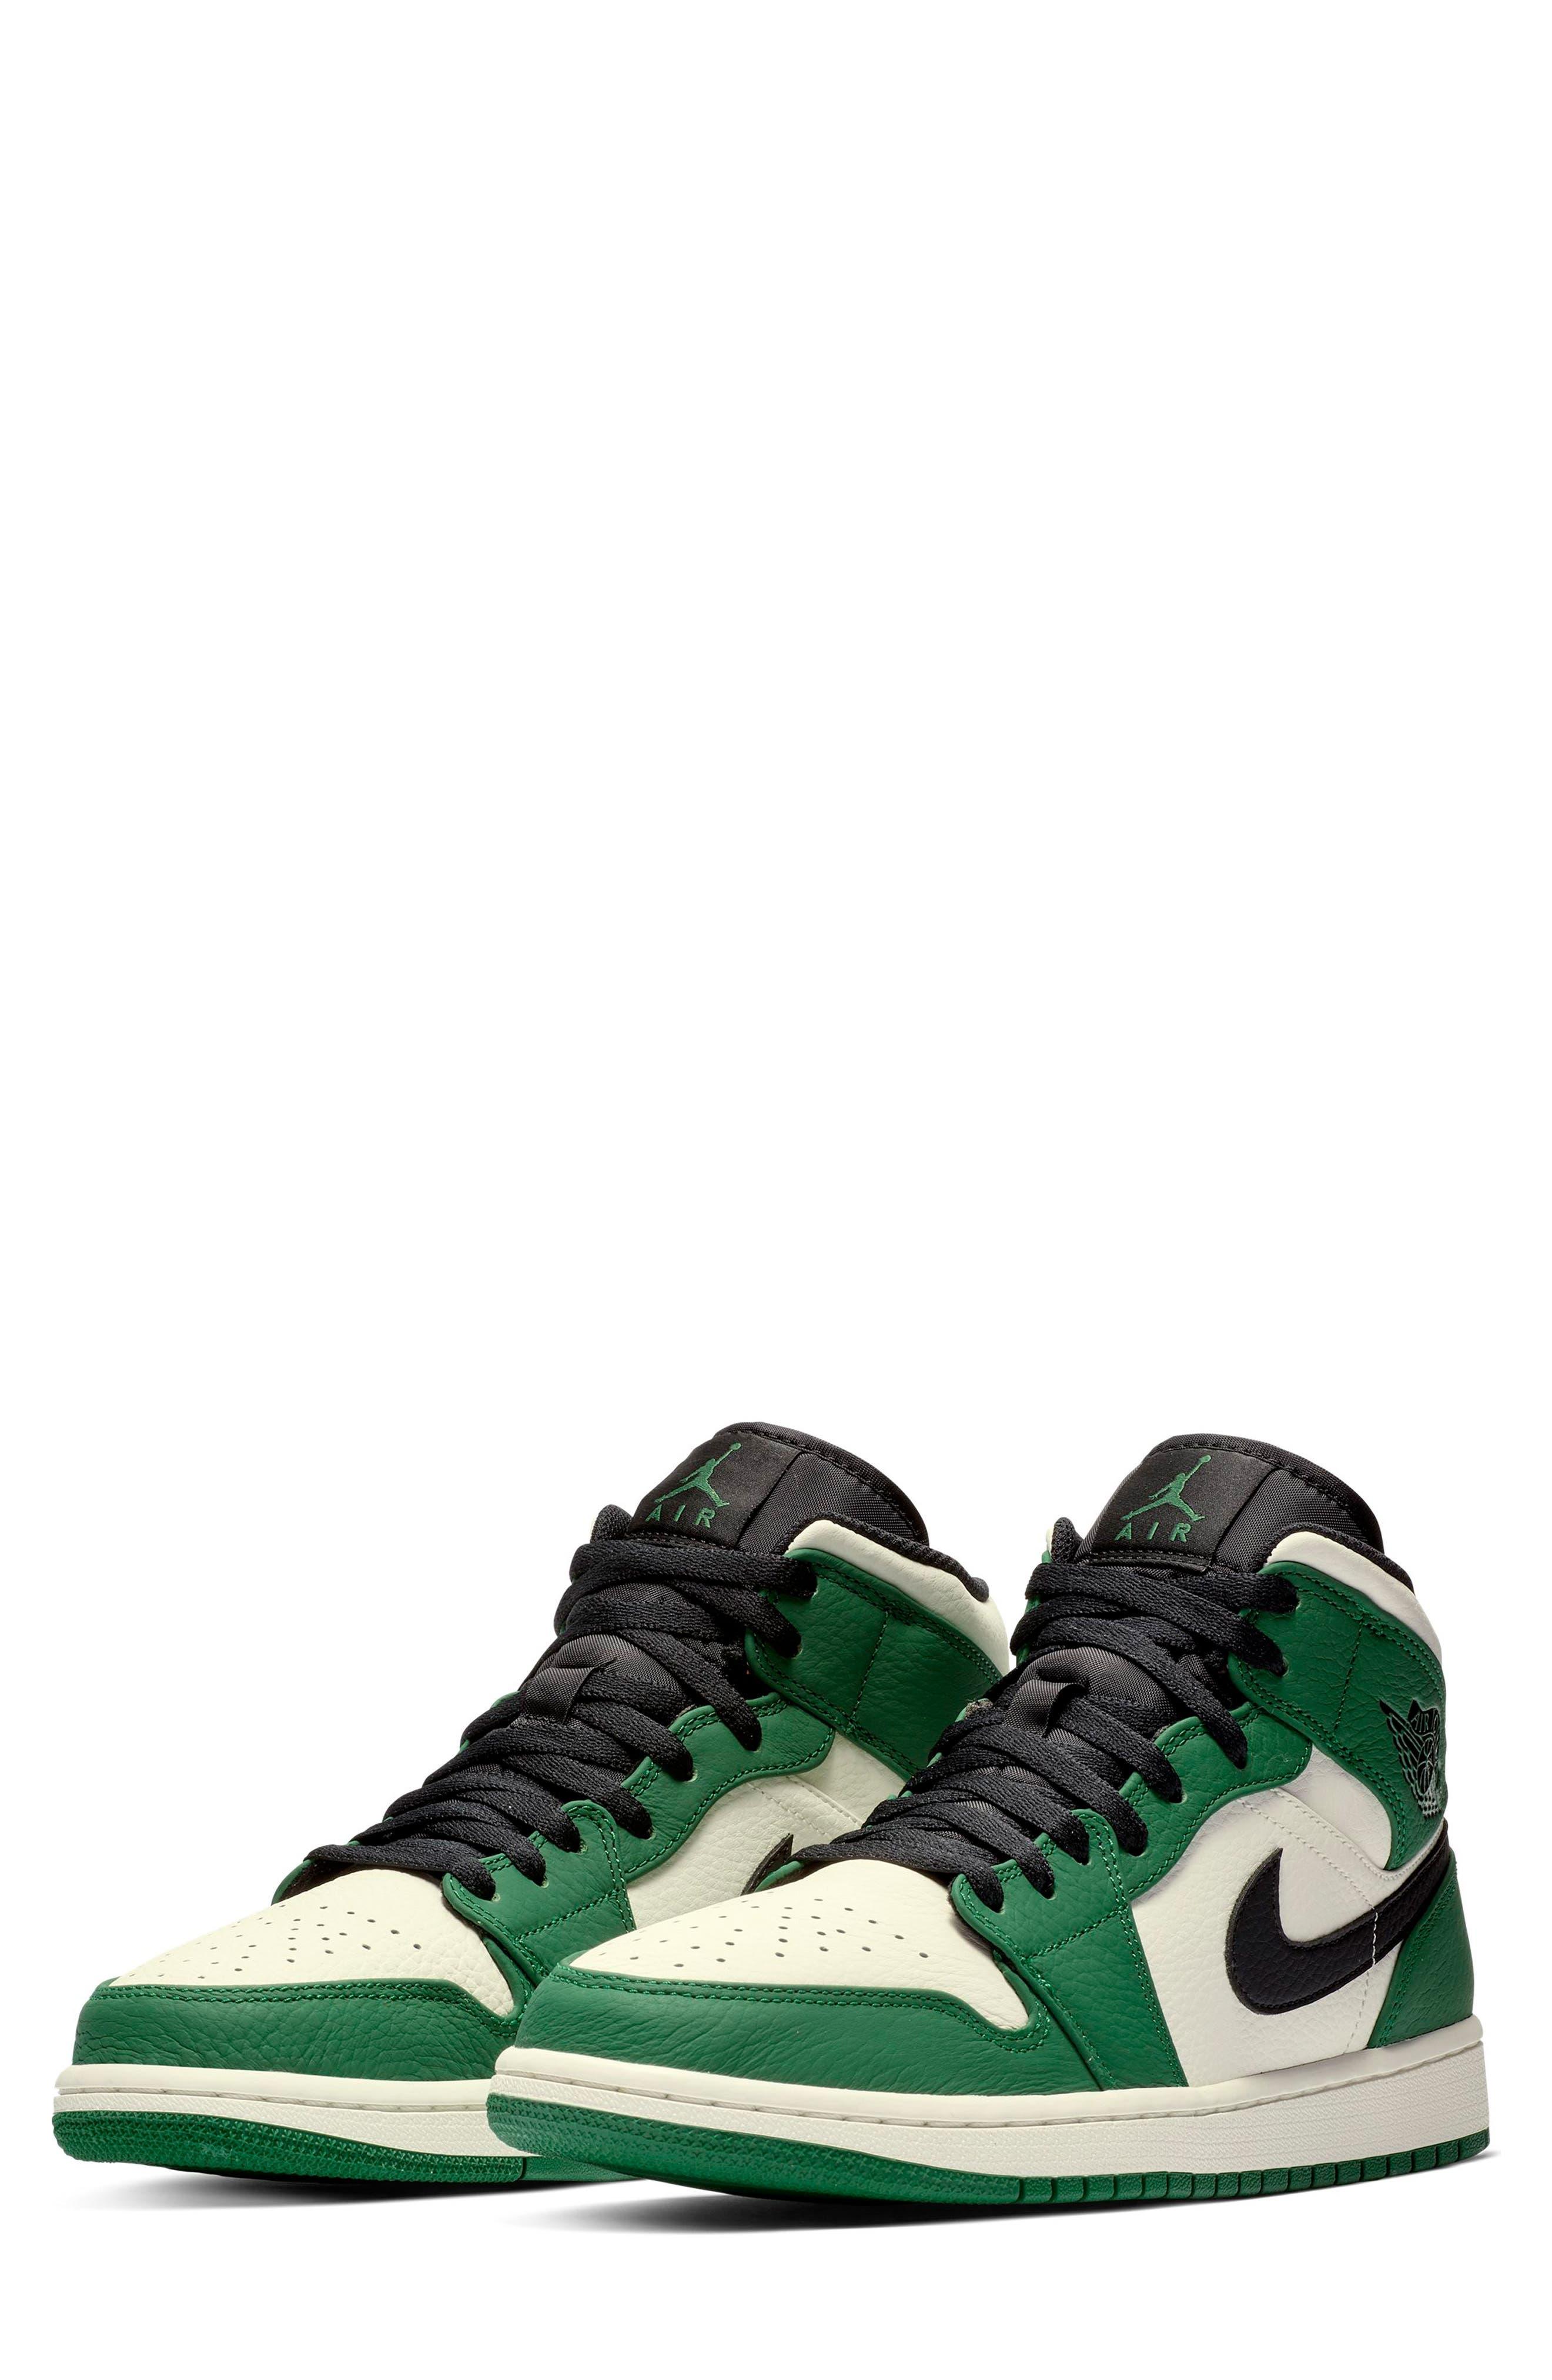 NIKE, Air Jordan 1 Mid Winterized Sneaker, Main thumbnail 1, color, 301